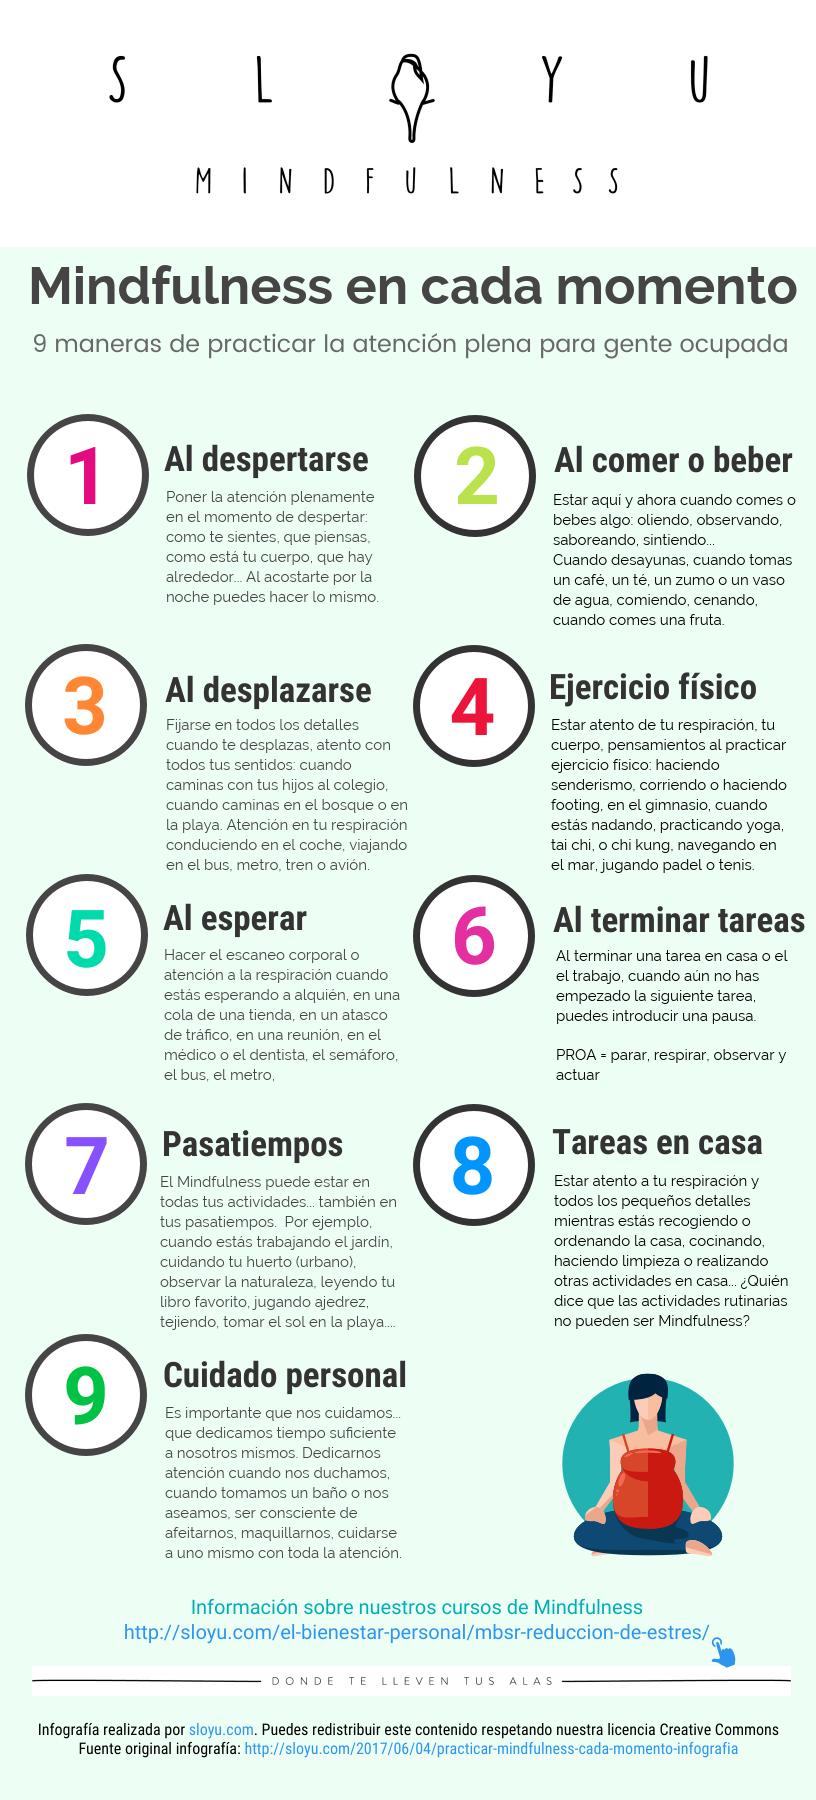 9 maneras de practicar la atención plena o mindfulness